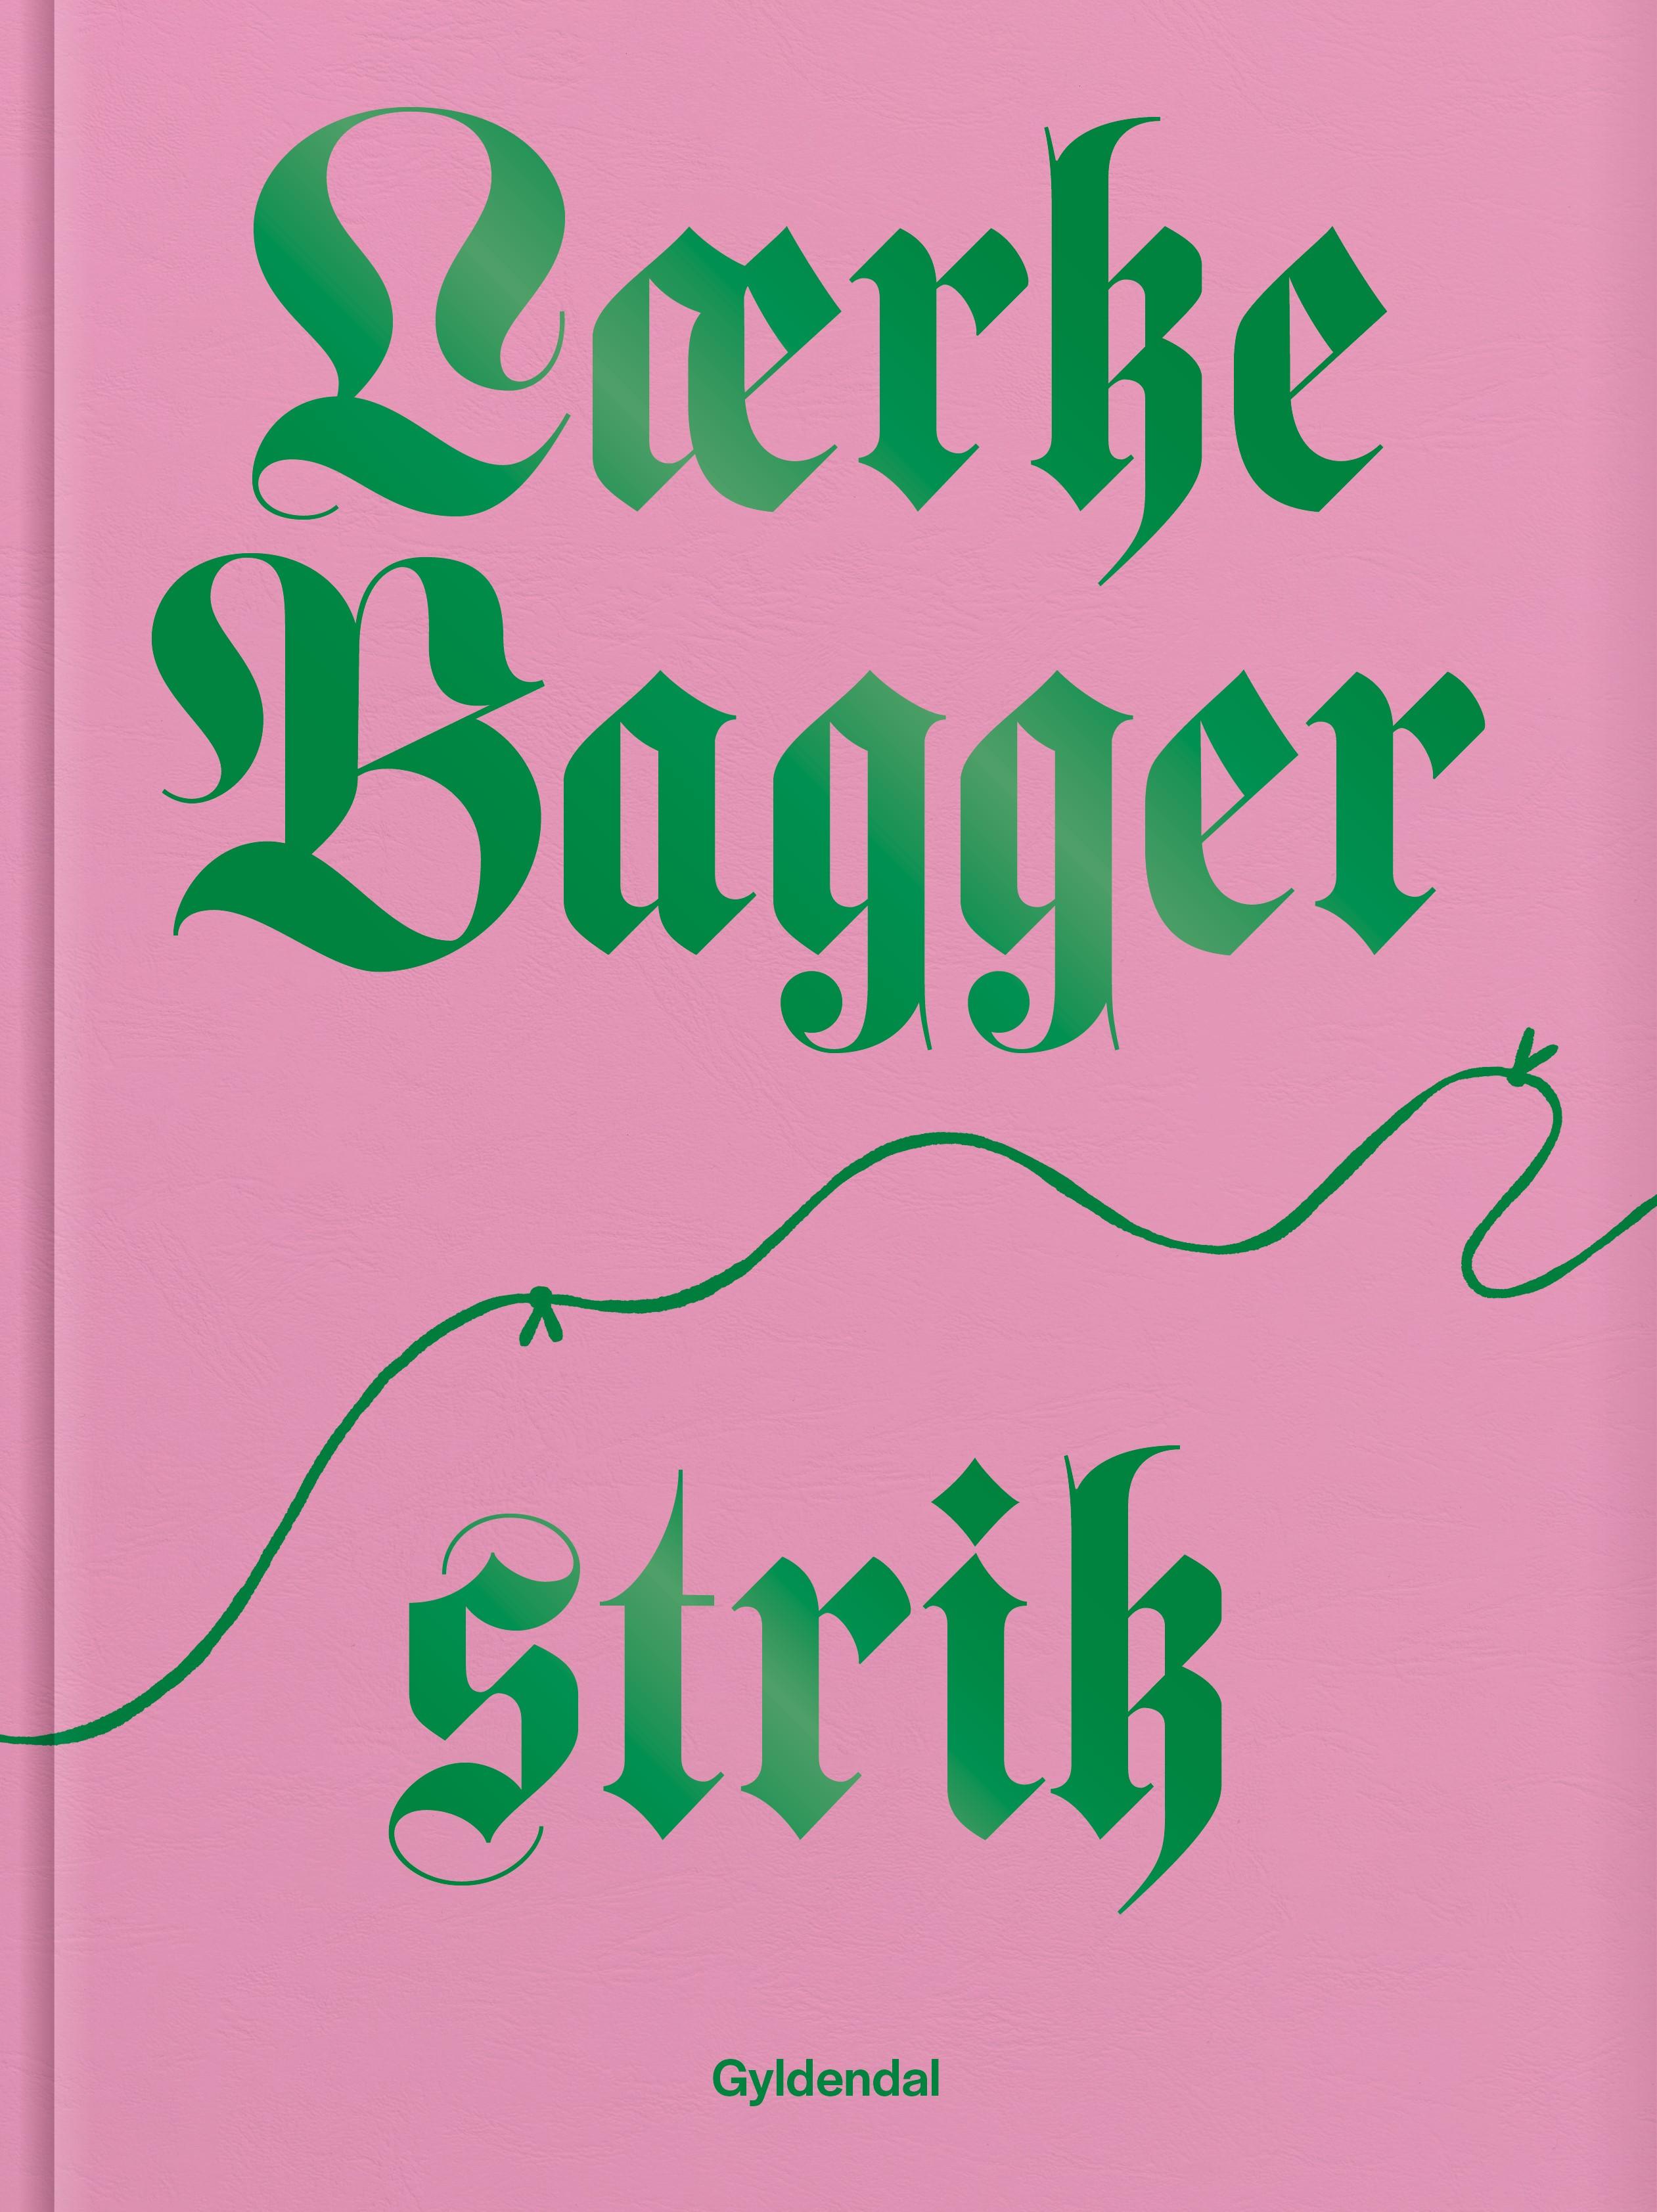 Lærke Bagger strik - Lærke Bagger - Bøger - Gyldendal - 9788702316353 - 12. august 2021